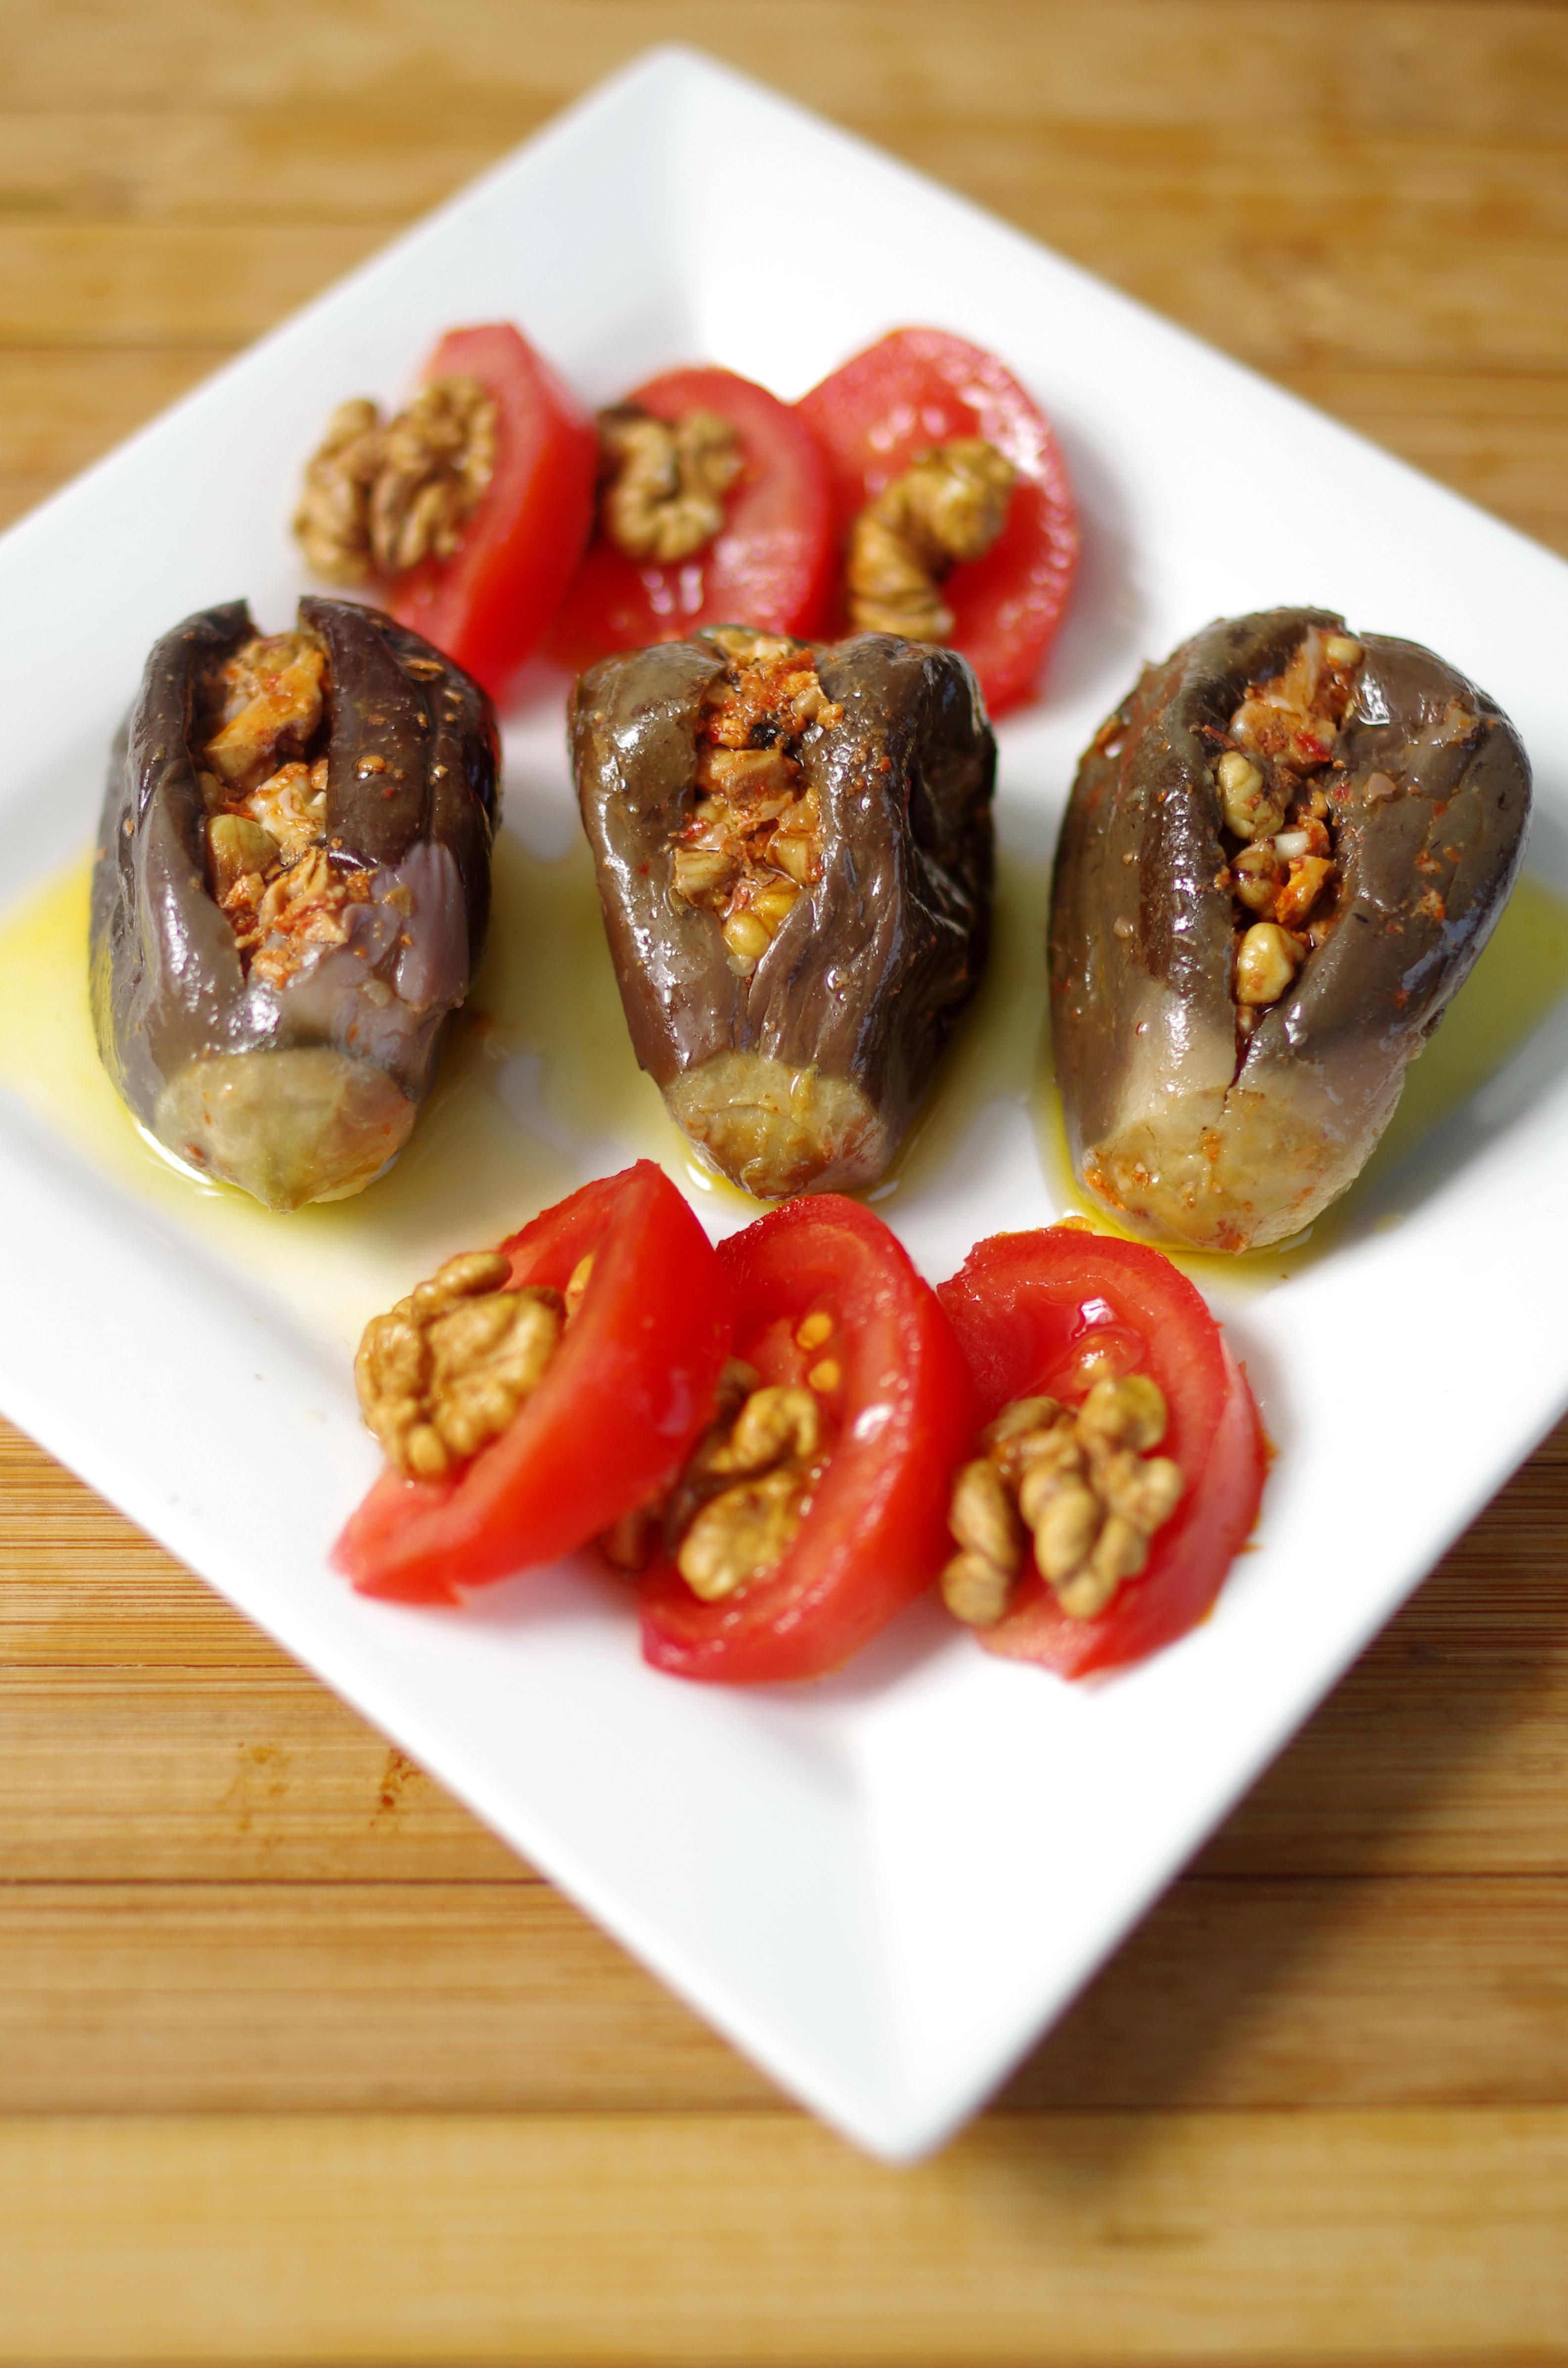 makdouss conserve de mini aubergines farcies aux noix paris alep cuisine syrienne. Black Bedroom Furniture Sets. Home Design Ideas